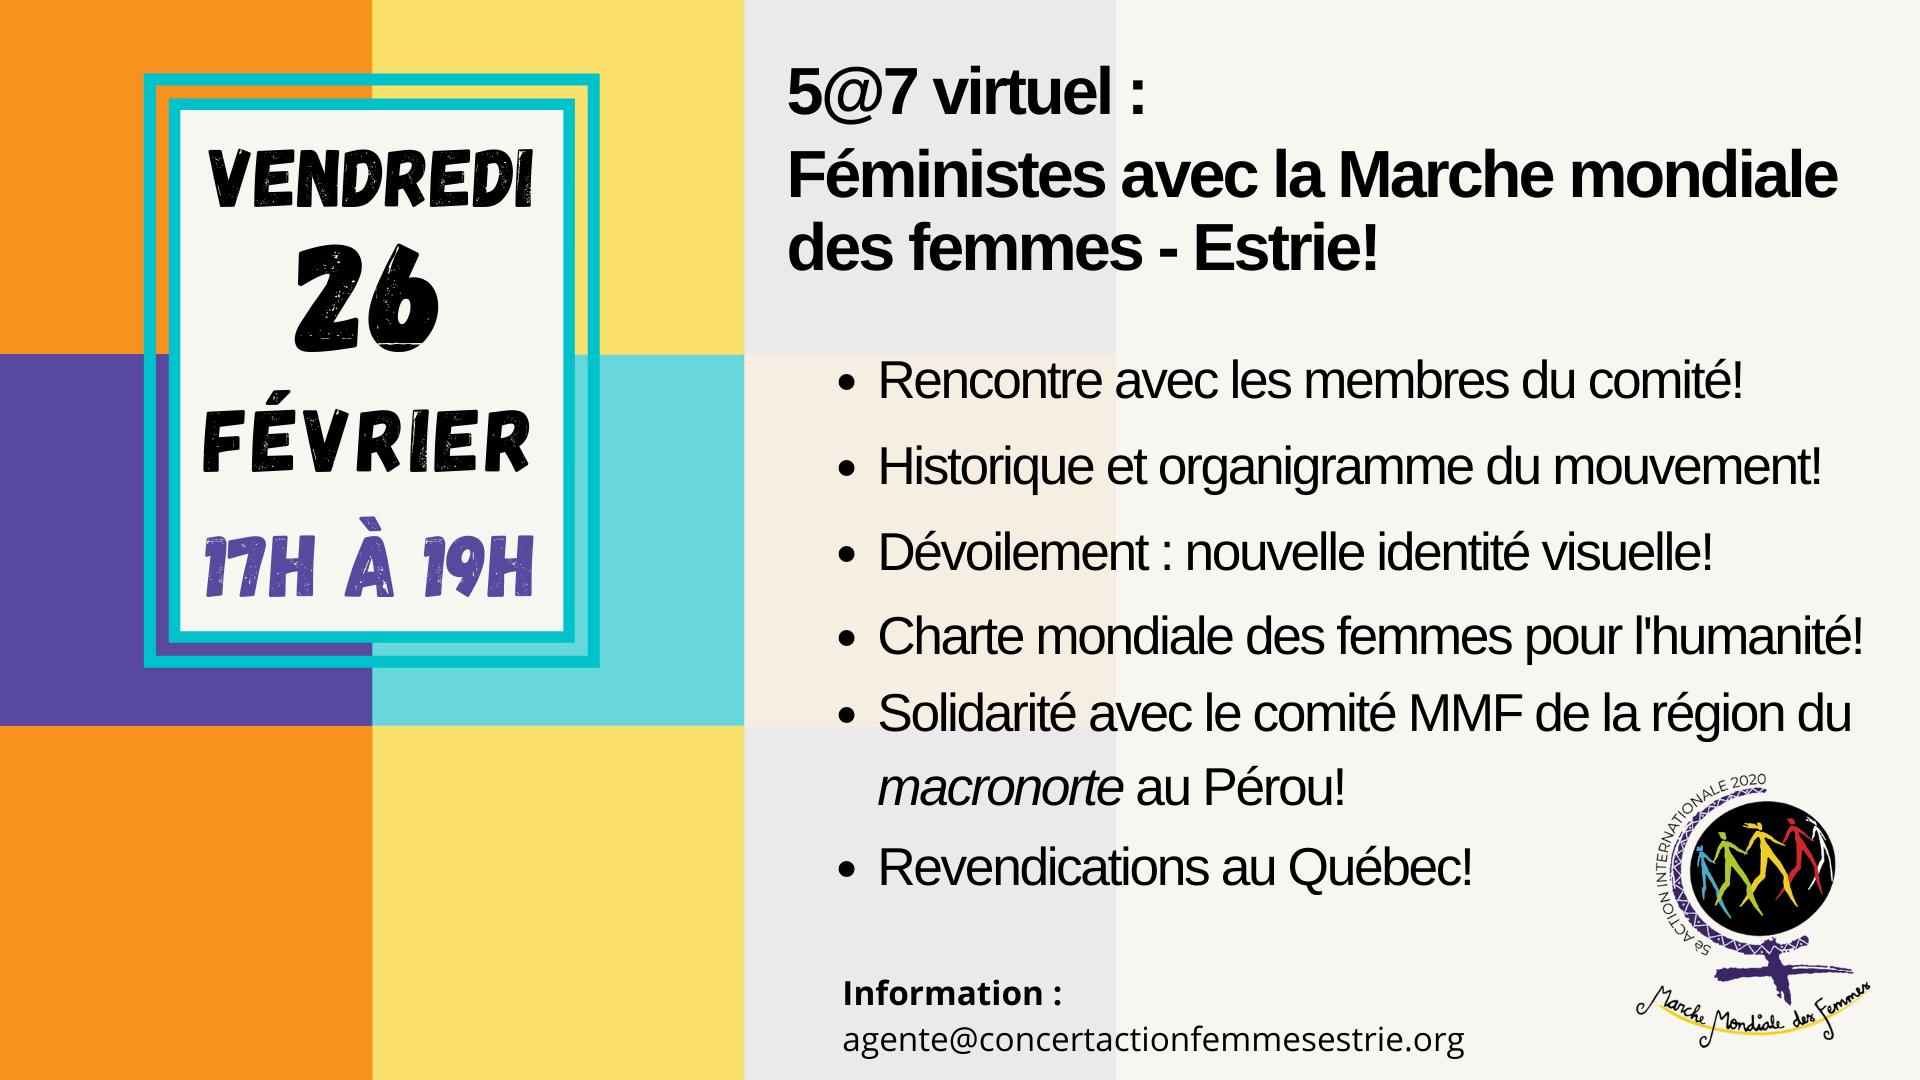 Invitation au 5 a 7 virtuel : Féministes avec les comité Marche mondiale des femmes - Estrie!